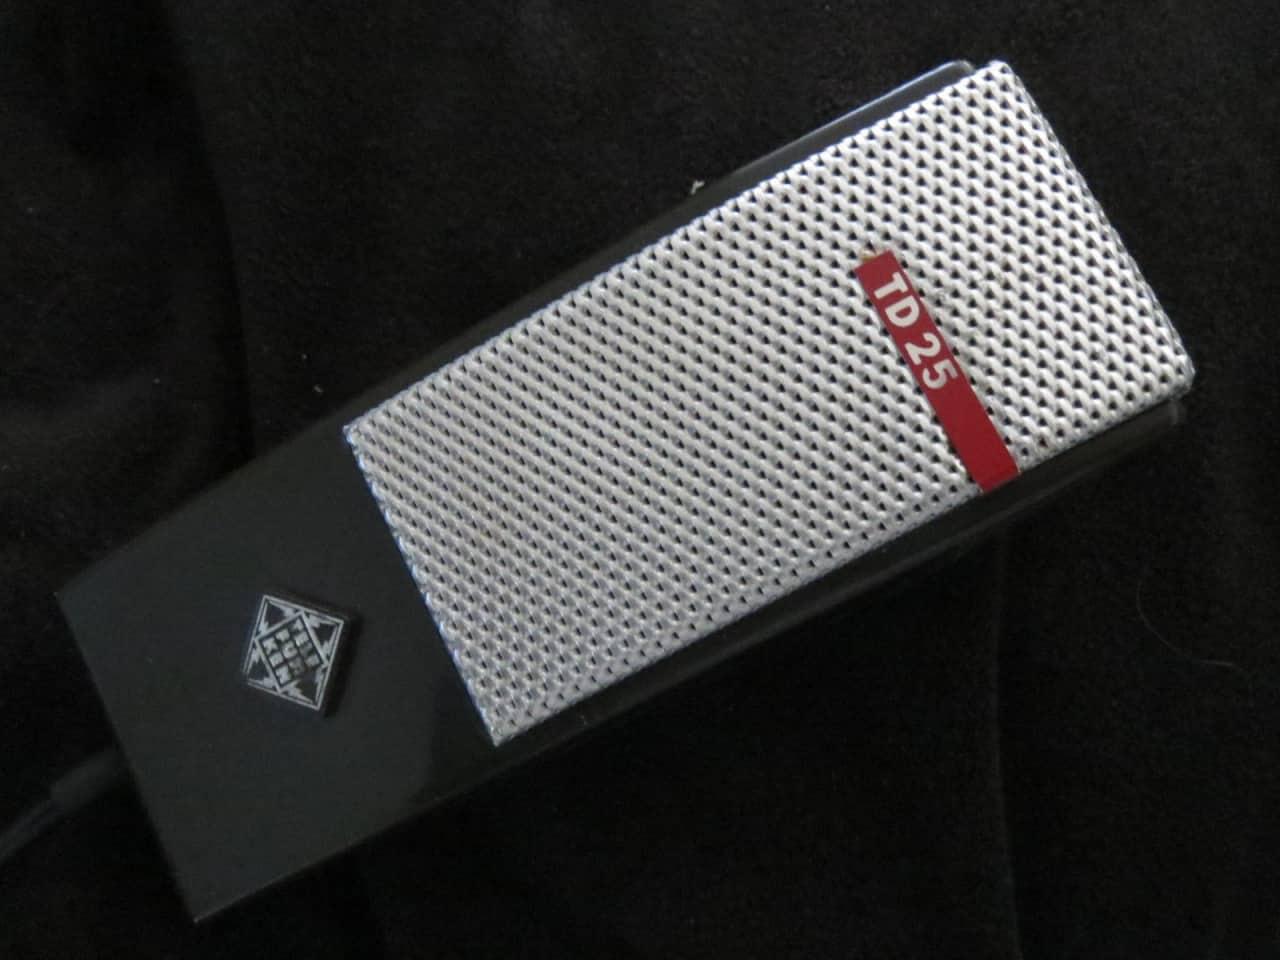 Telefunken Td25 Rare Vintage Dynamic Cardioid Microphone